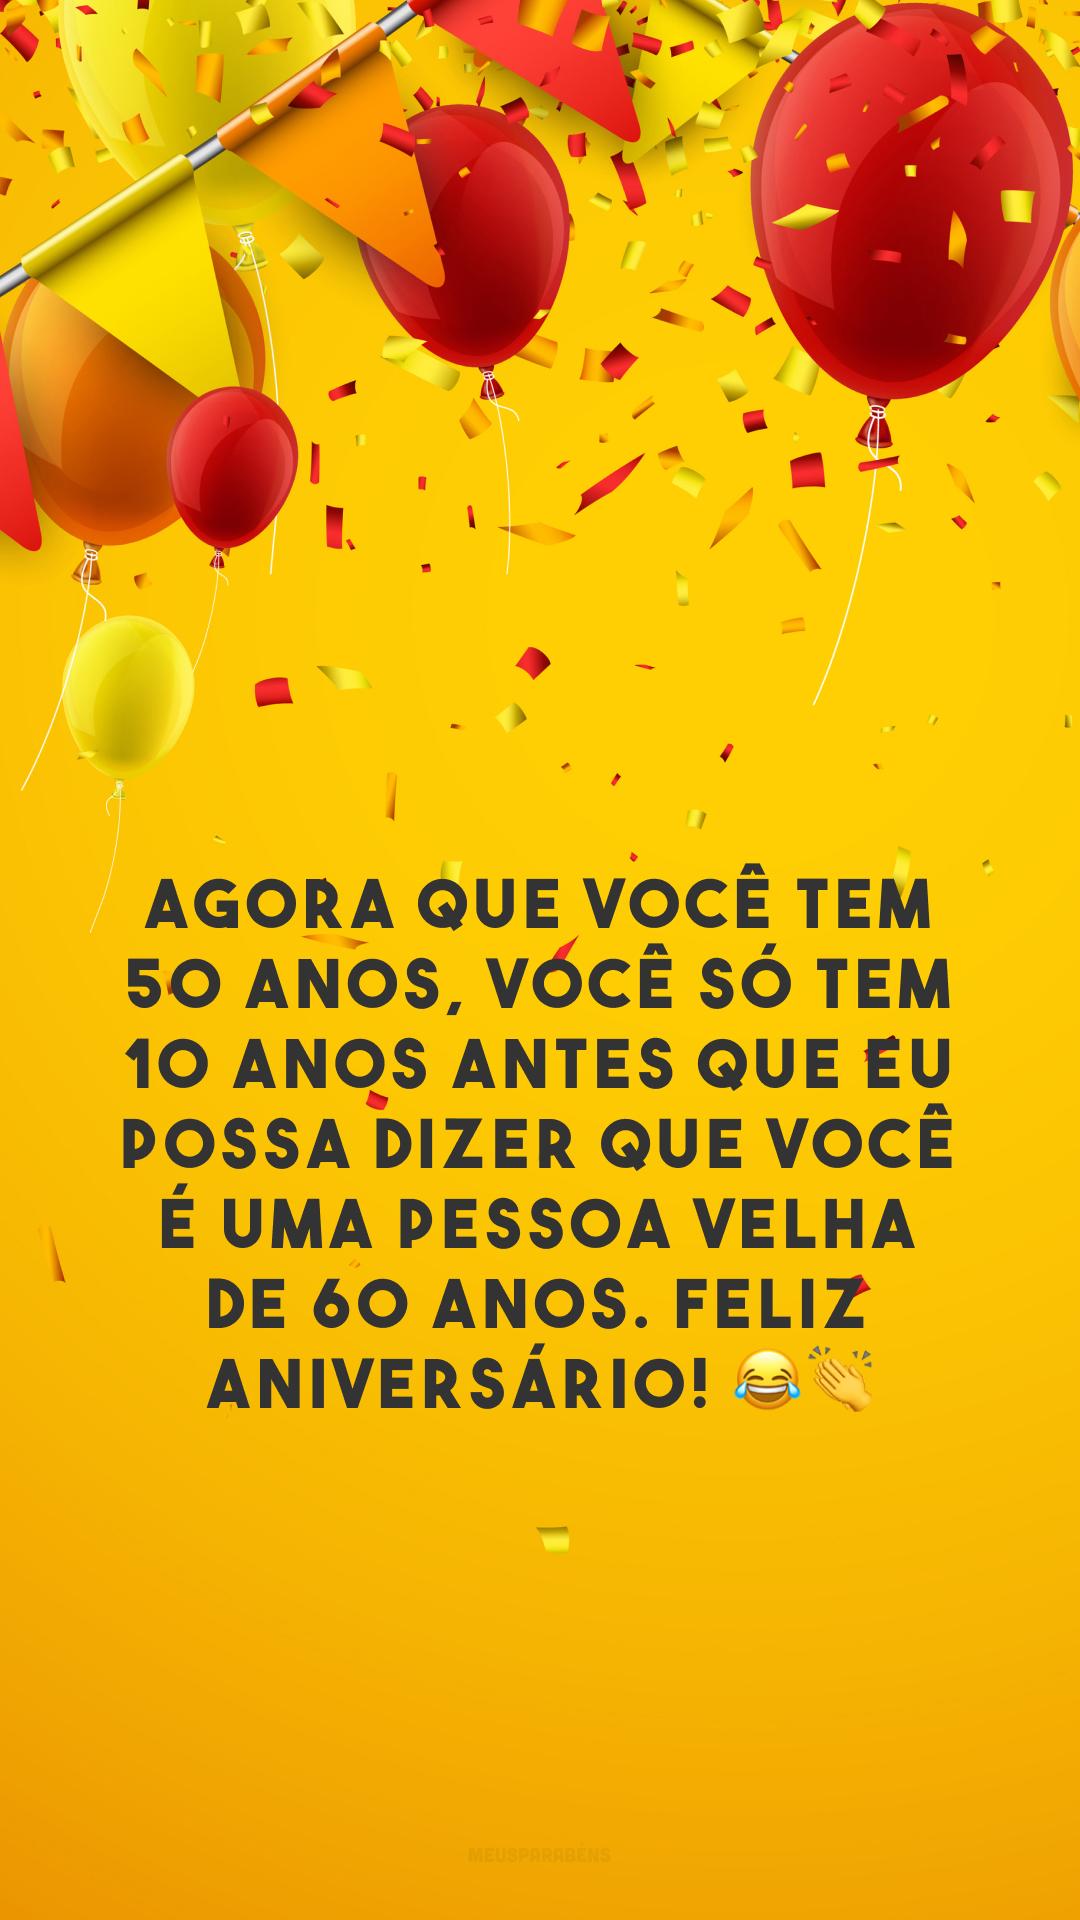 Agora que você tem 50 anos, você só tem 10 anos antes que eu possa dizer que você é uma pessoa velha de 60 anos. Feliz aniversário! 😂👏